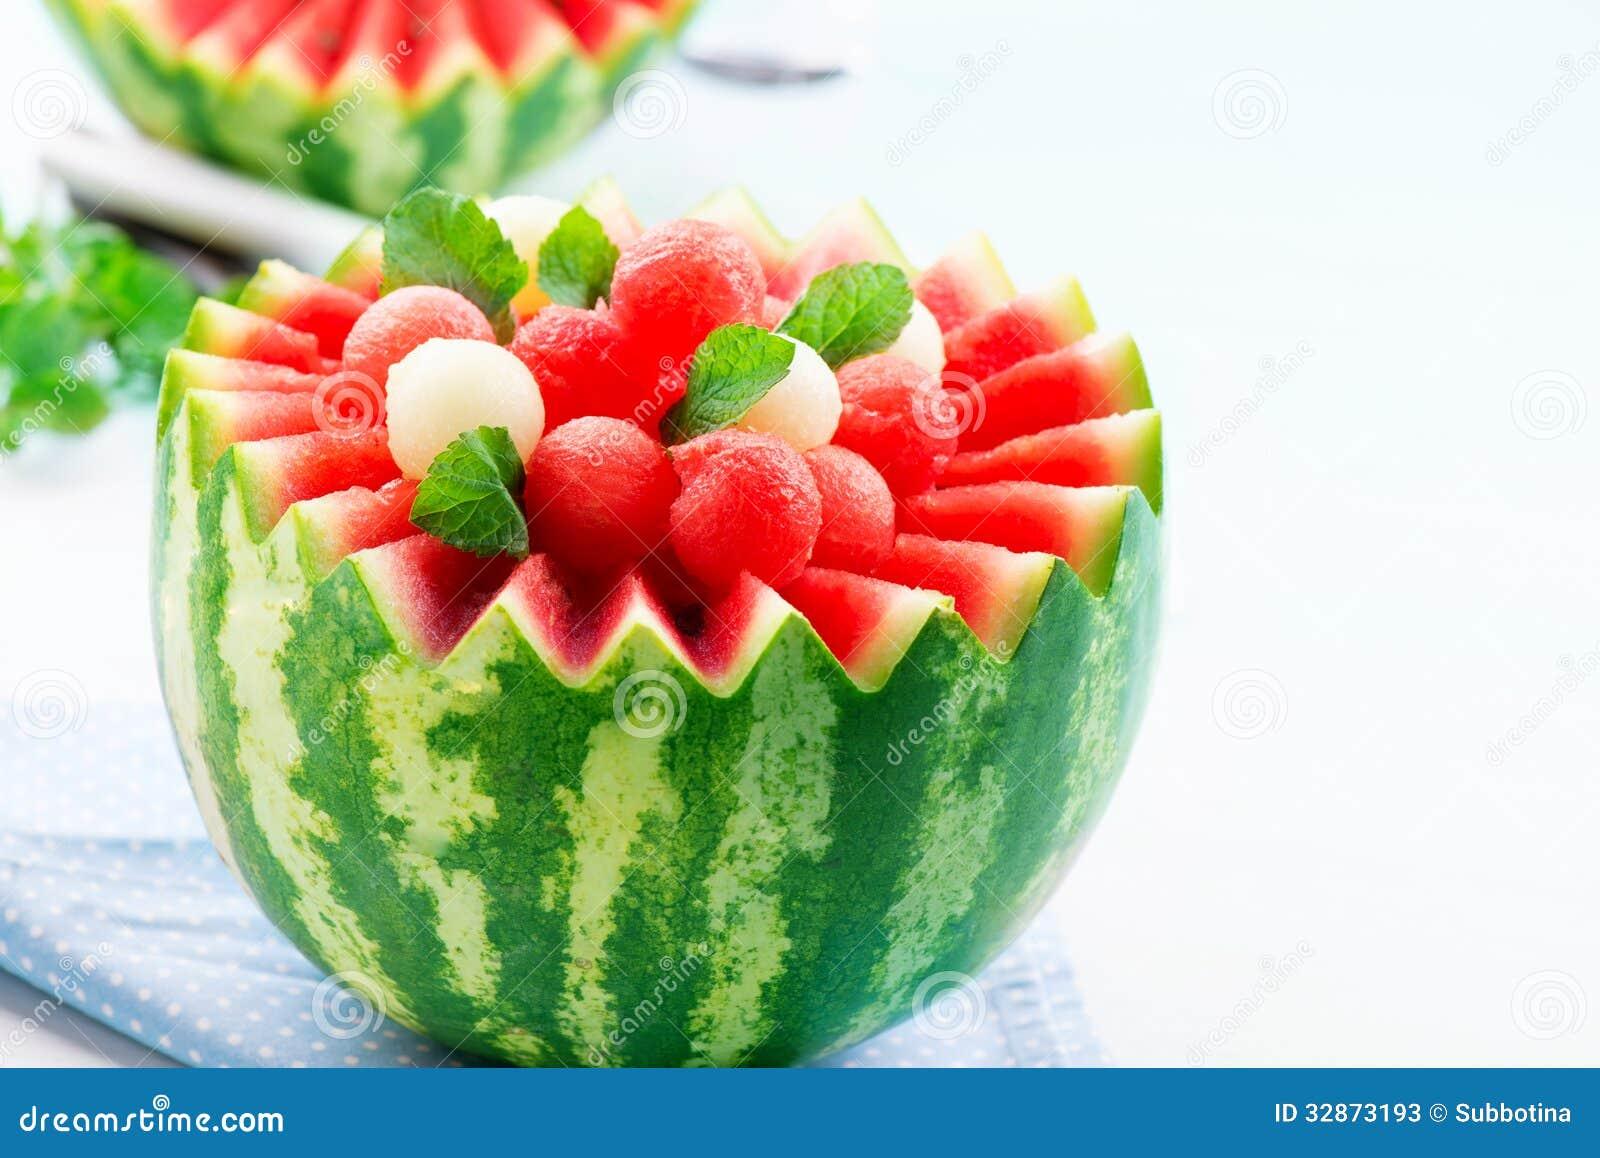 boules de pastèque et de melon image stock - image du dessert